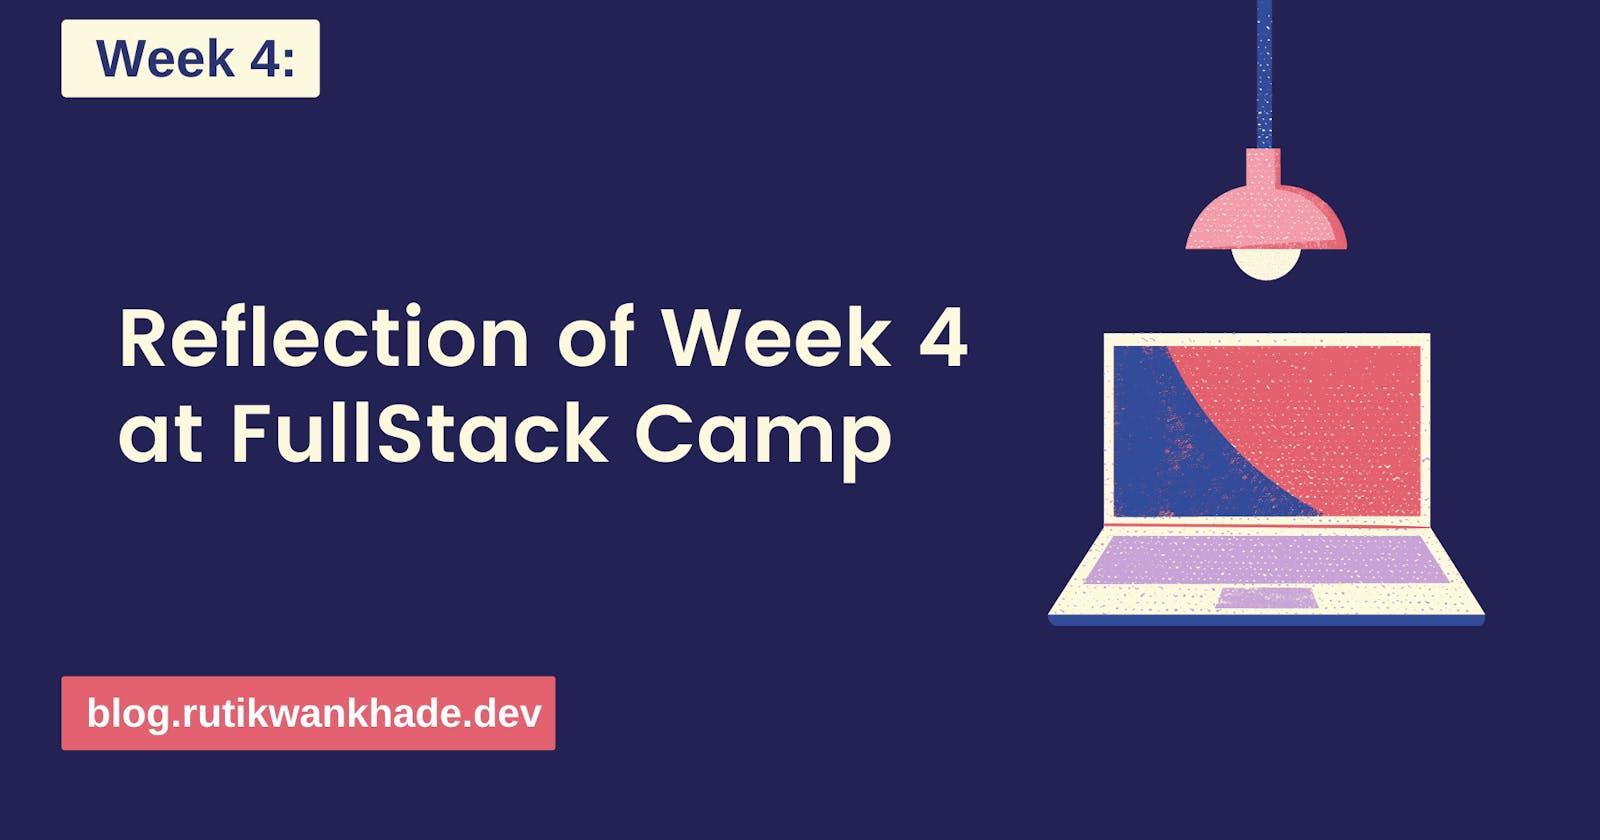 Reflection of Week 4 at FullStack Camp